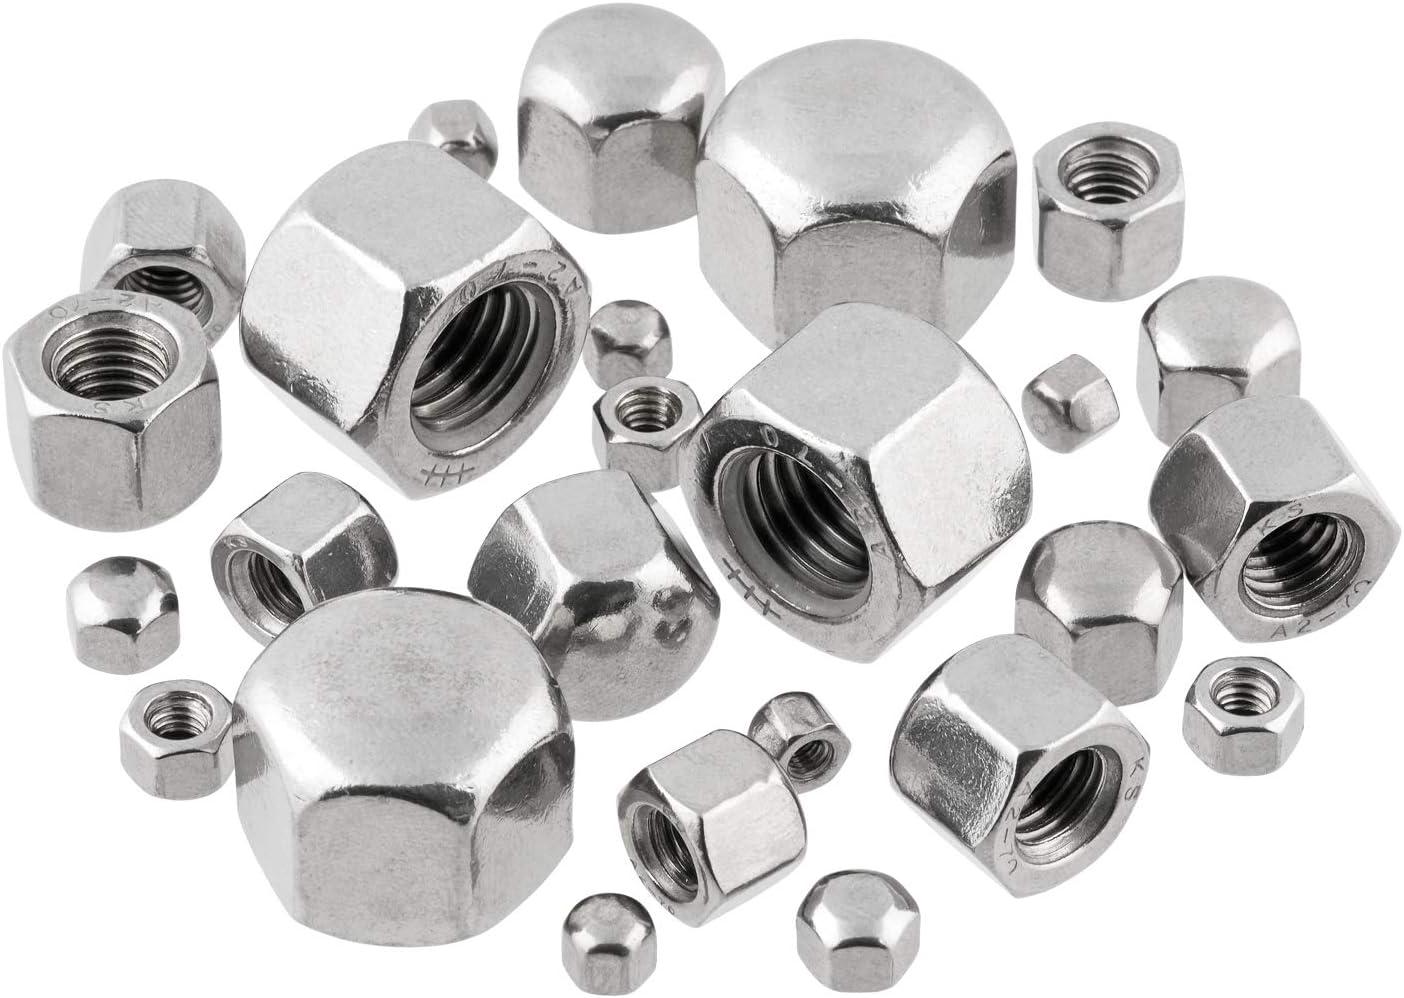 Hutmuttern Sechskant M3 niedrige Form DIN 917 Edelstahlmuttern A2 V2A Sechskantmuttern Kappenmuttern M3 10 St/ück